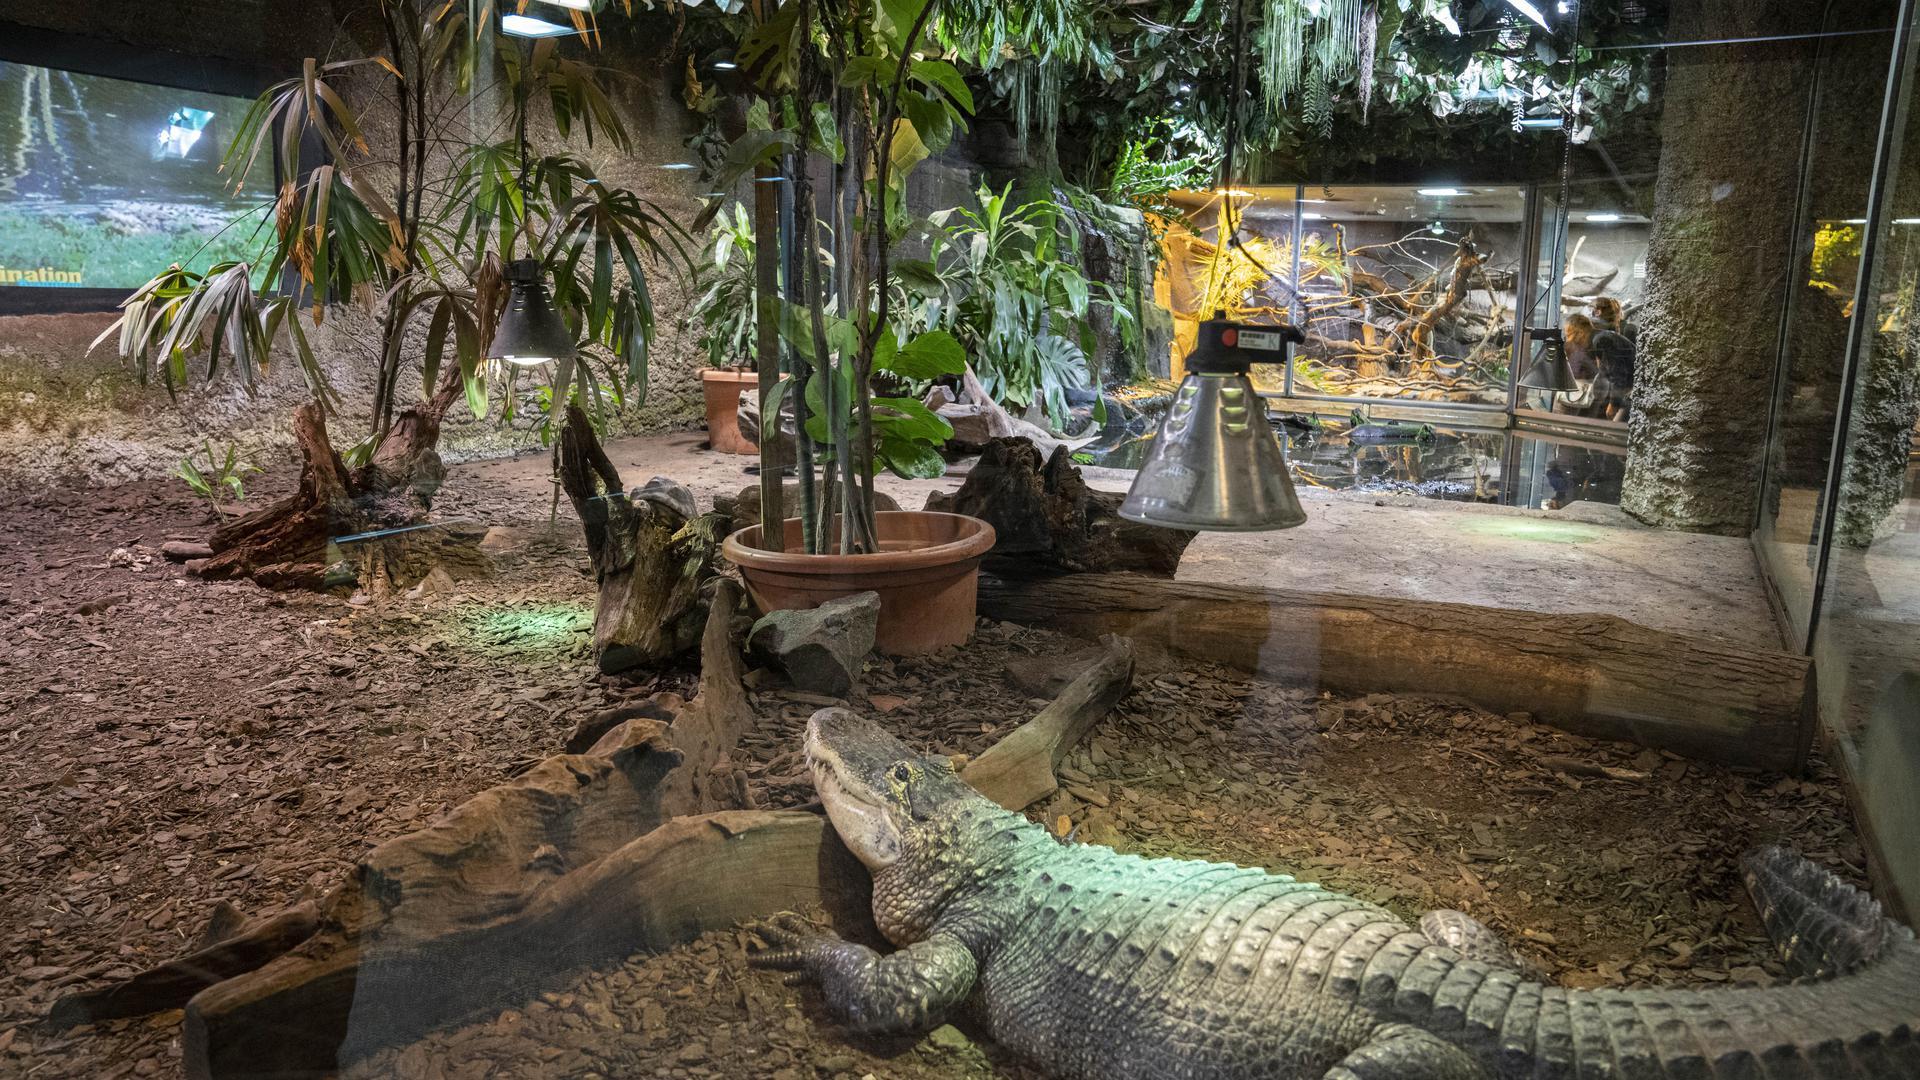 Auf der Suche nach Futter: Die Kleinbären zählen zu den Lieblingen der Besucher im Reptilium.